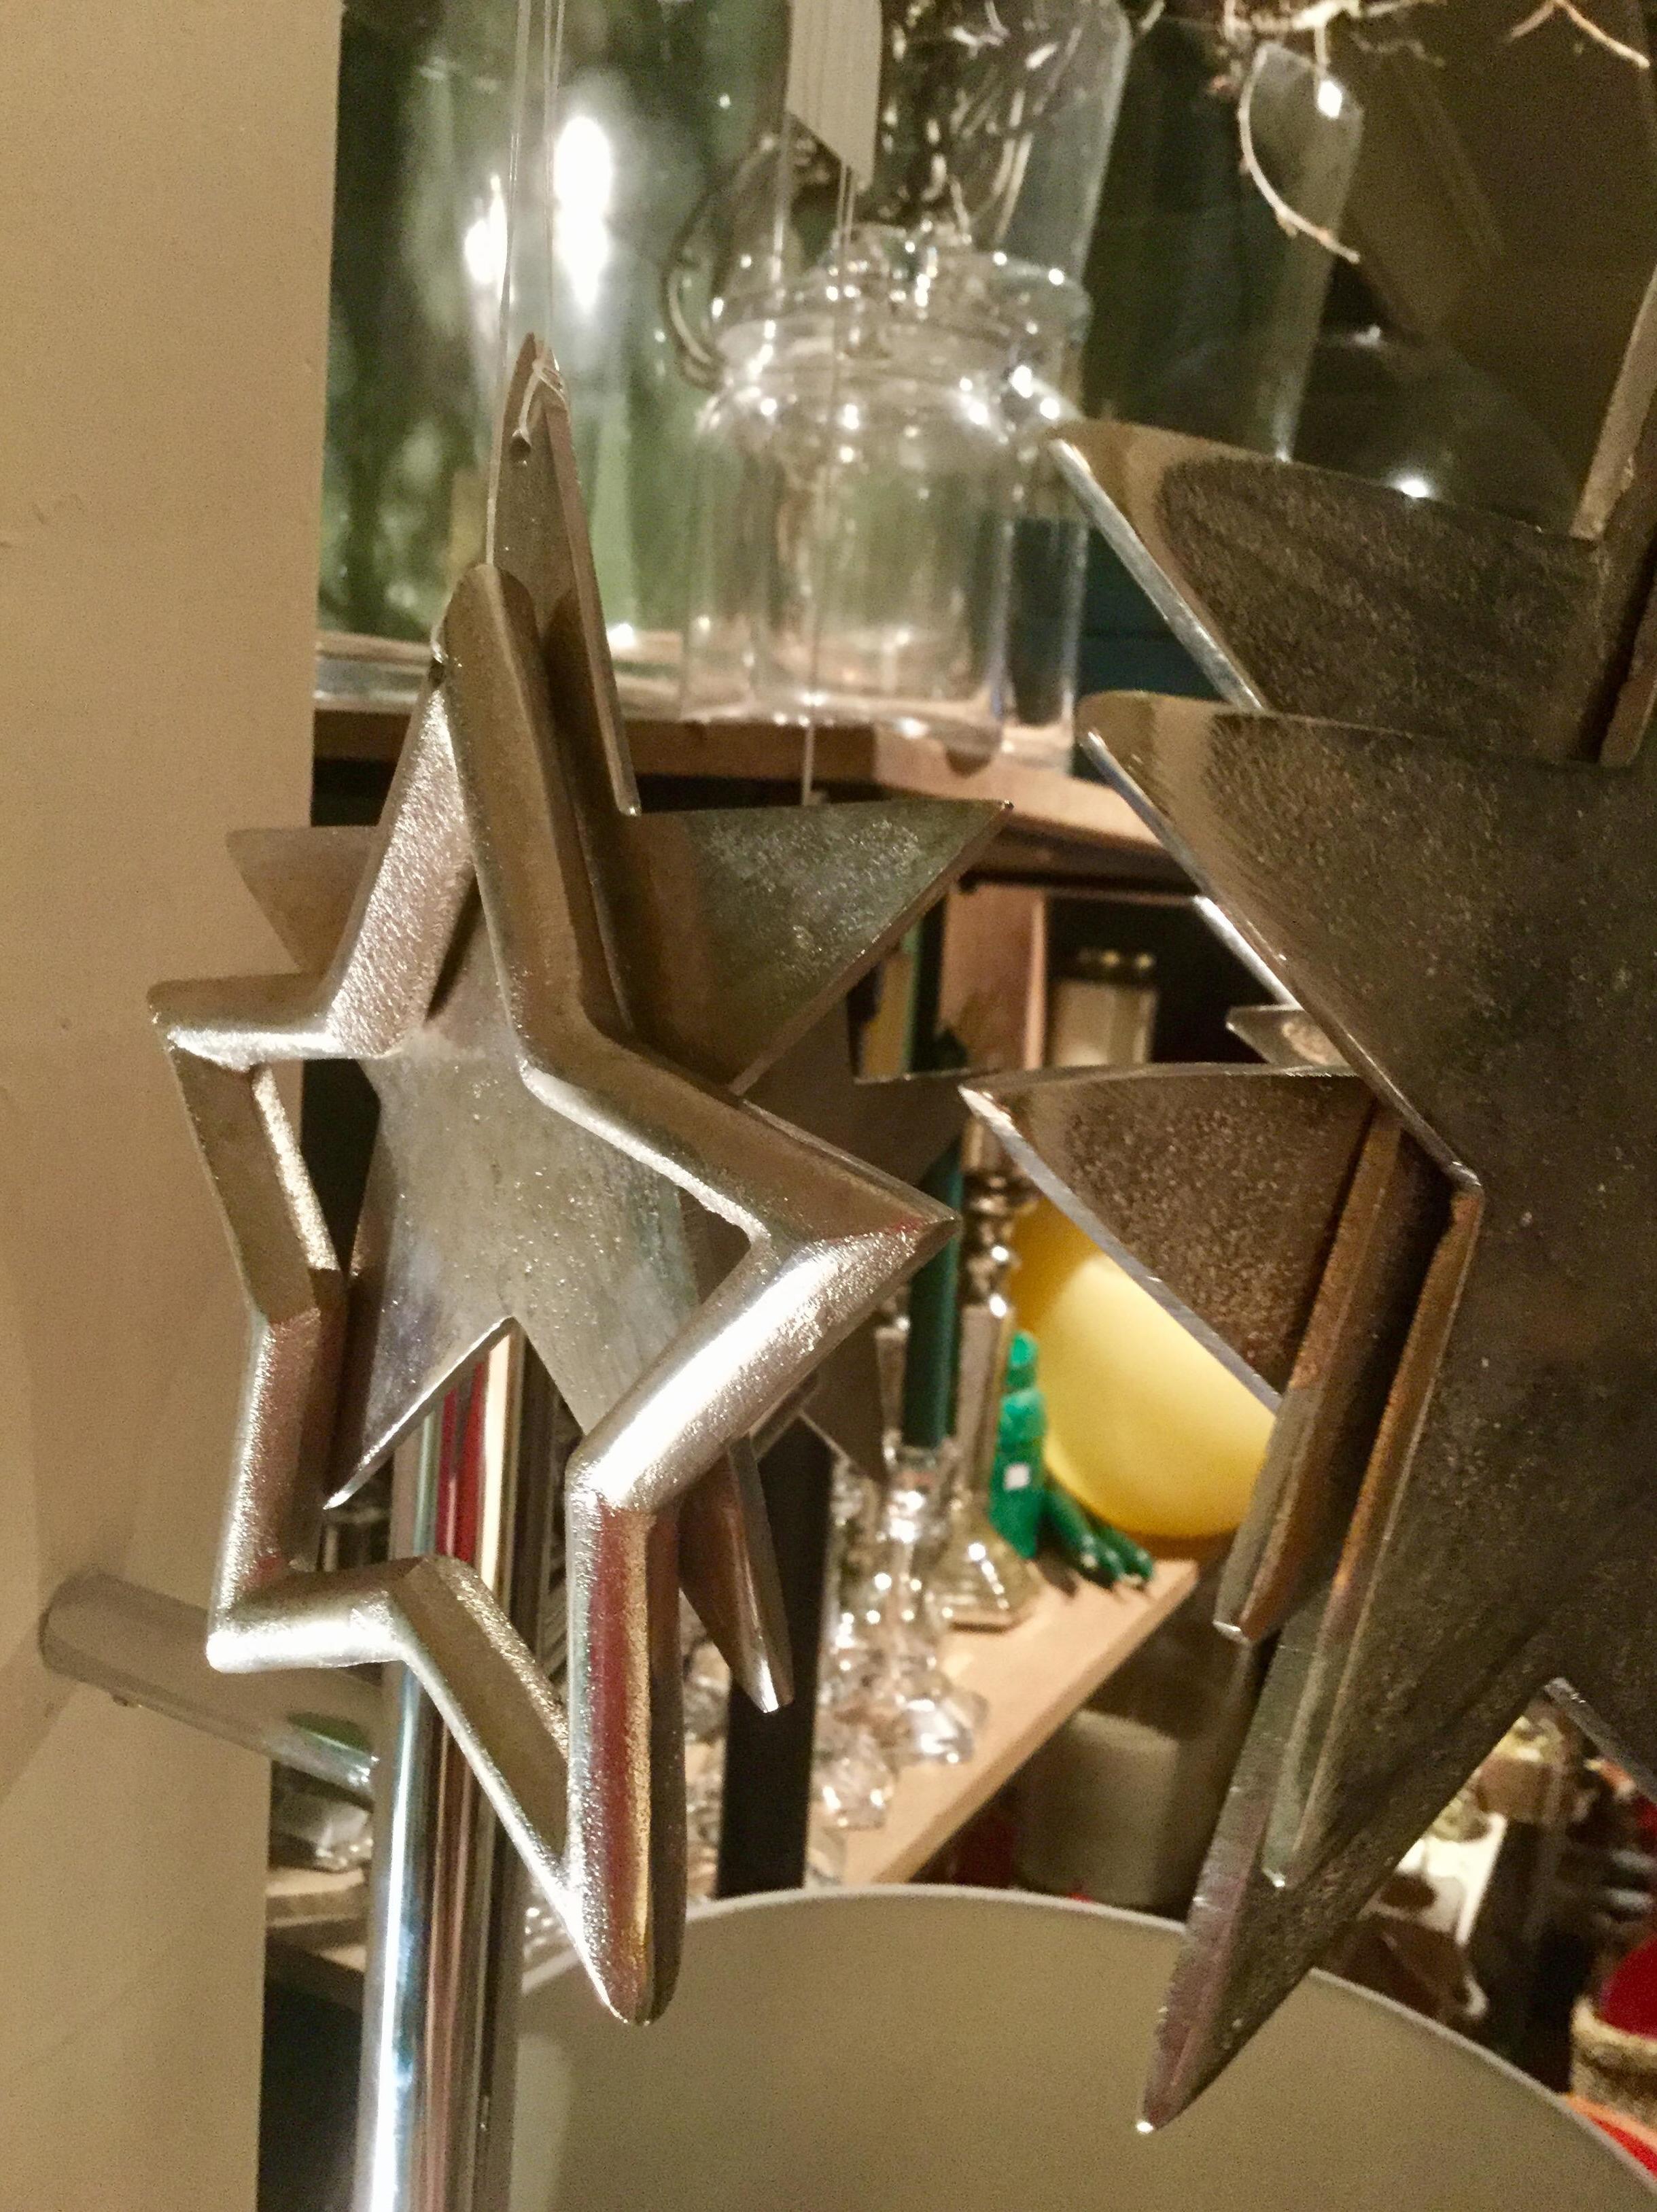 Estrellas doradas para decoración navideña